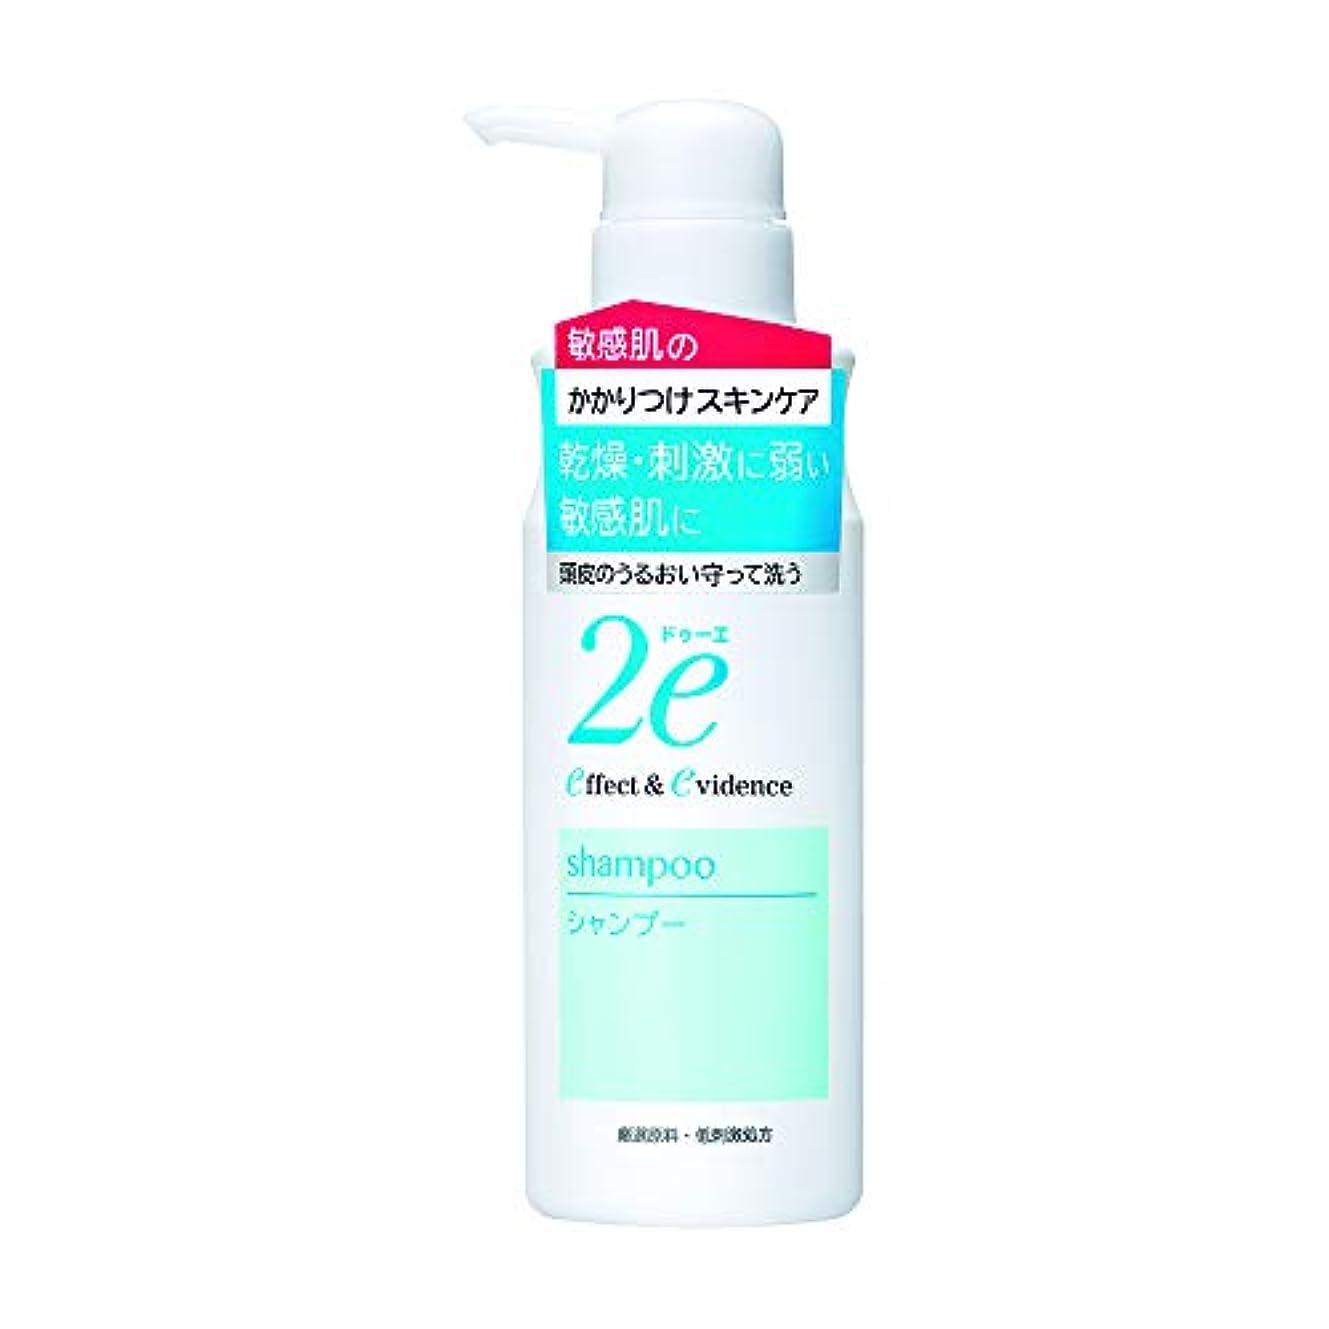 酸化する手順同化する2e(ドゥーエ) シャンプー 敏感肌用 低刺激処方 ノンシリコンタイプ 350ml